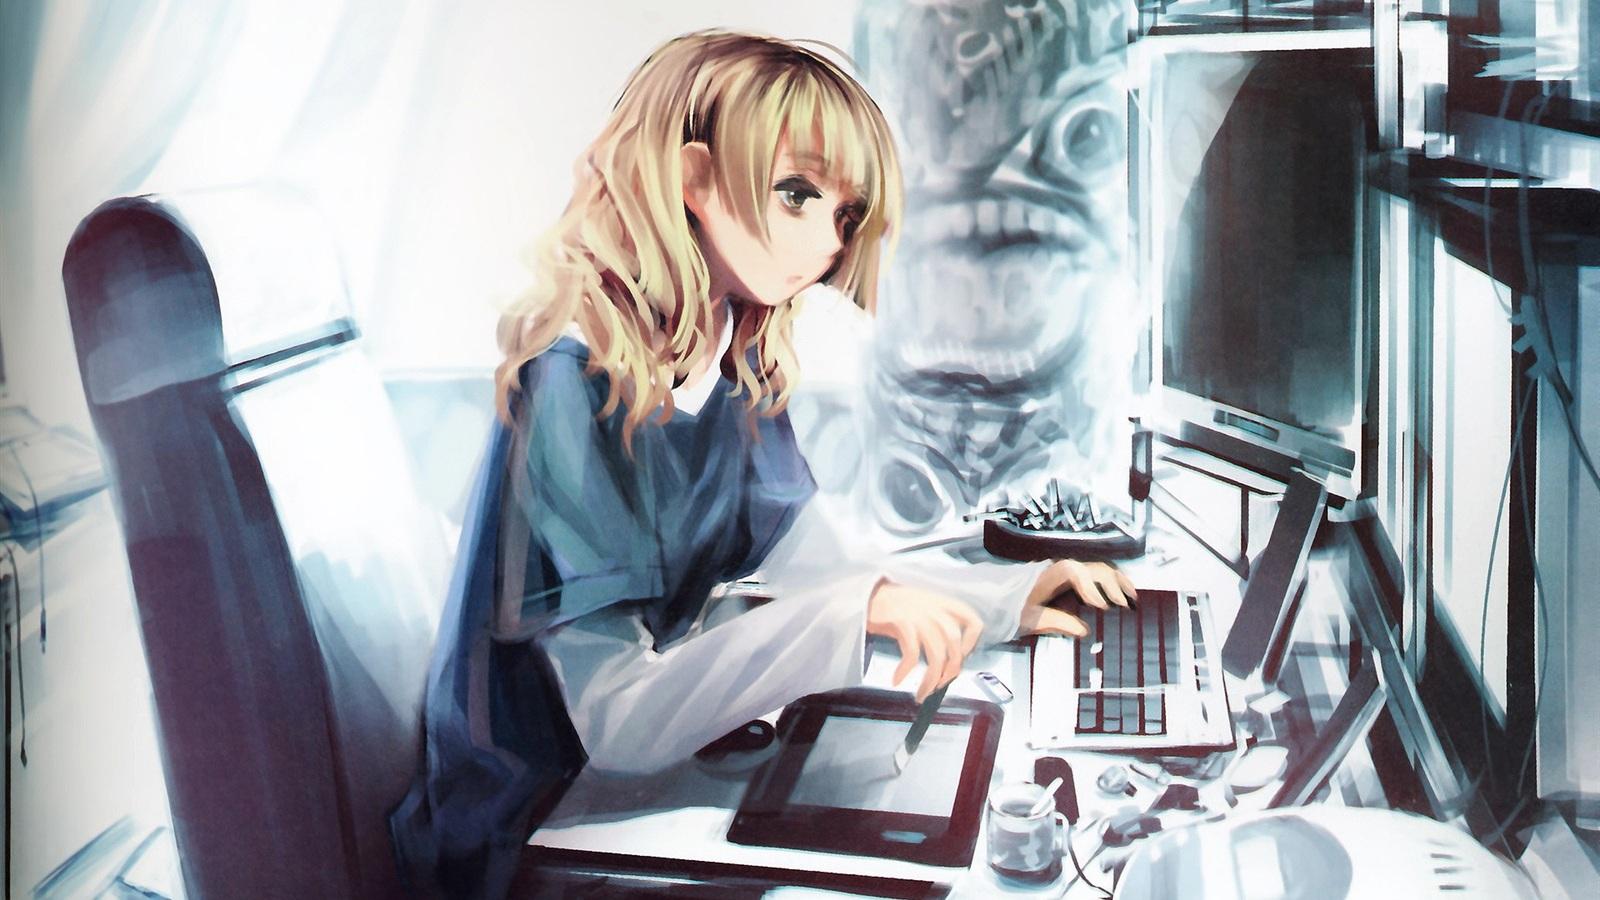 壁紙 コンピュータによるアニメの女の子 1920x1200 HD 無料のデスクトップの背景, 画像